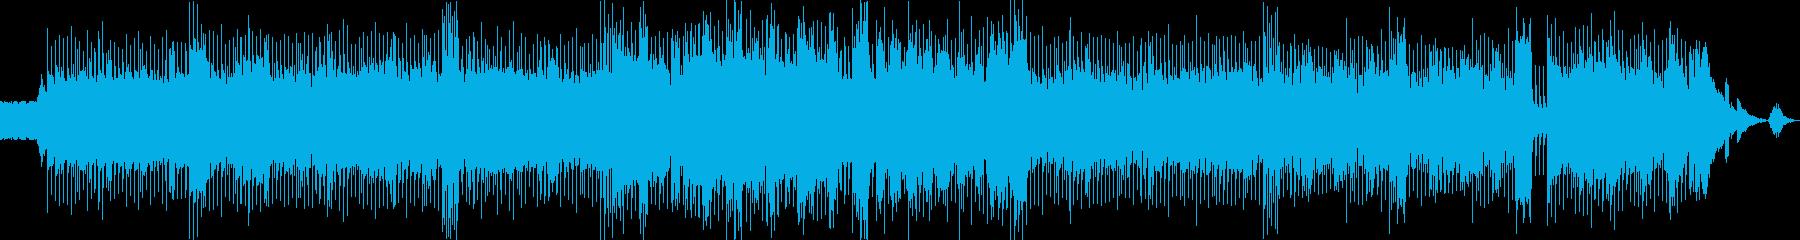 ギターの再生済みの波形